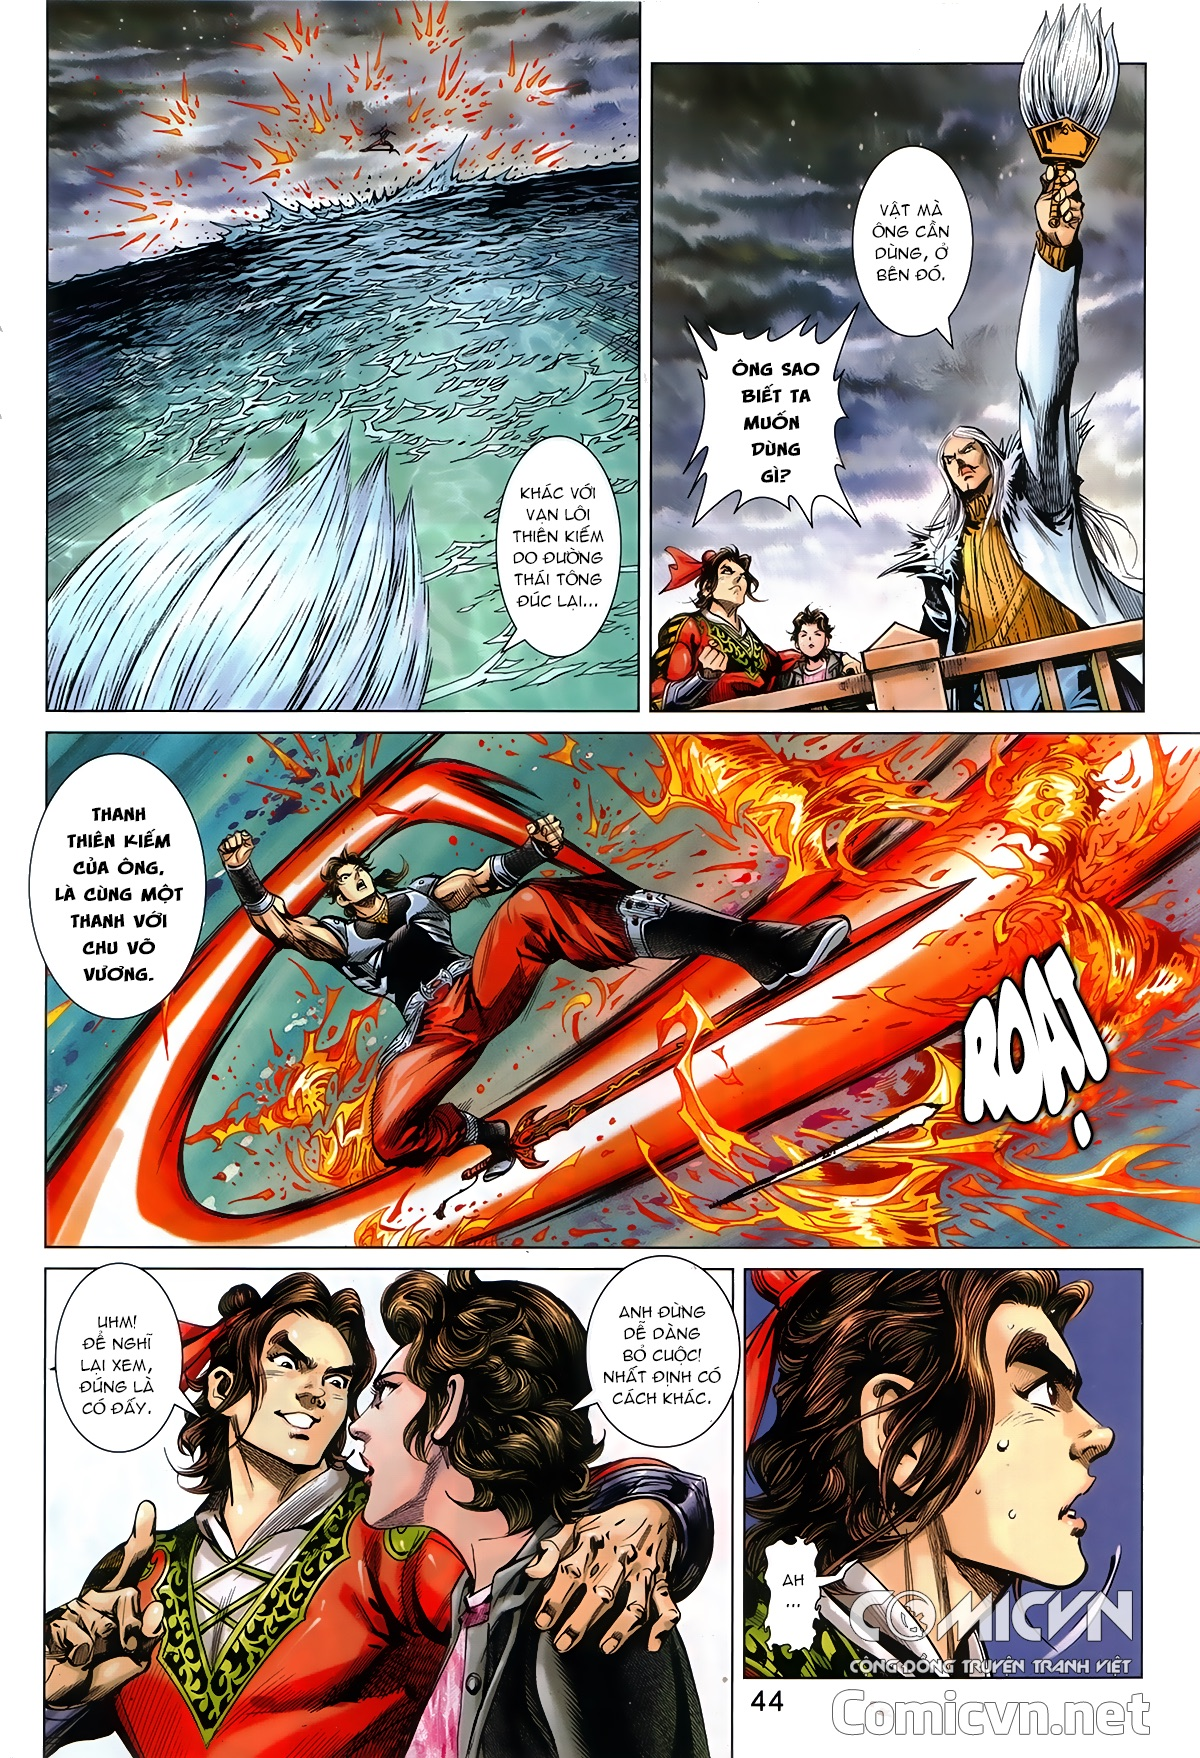 Hoàng Triều Quân Lâm Chap 11.1 - Next Chap 12